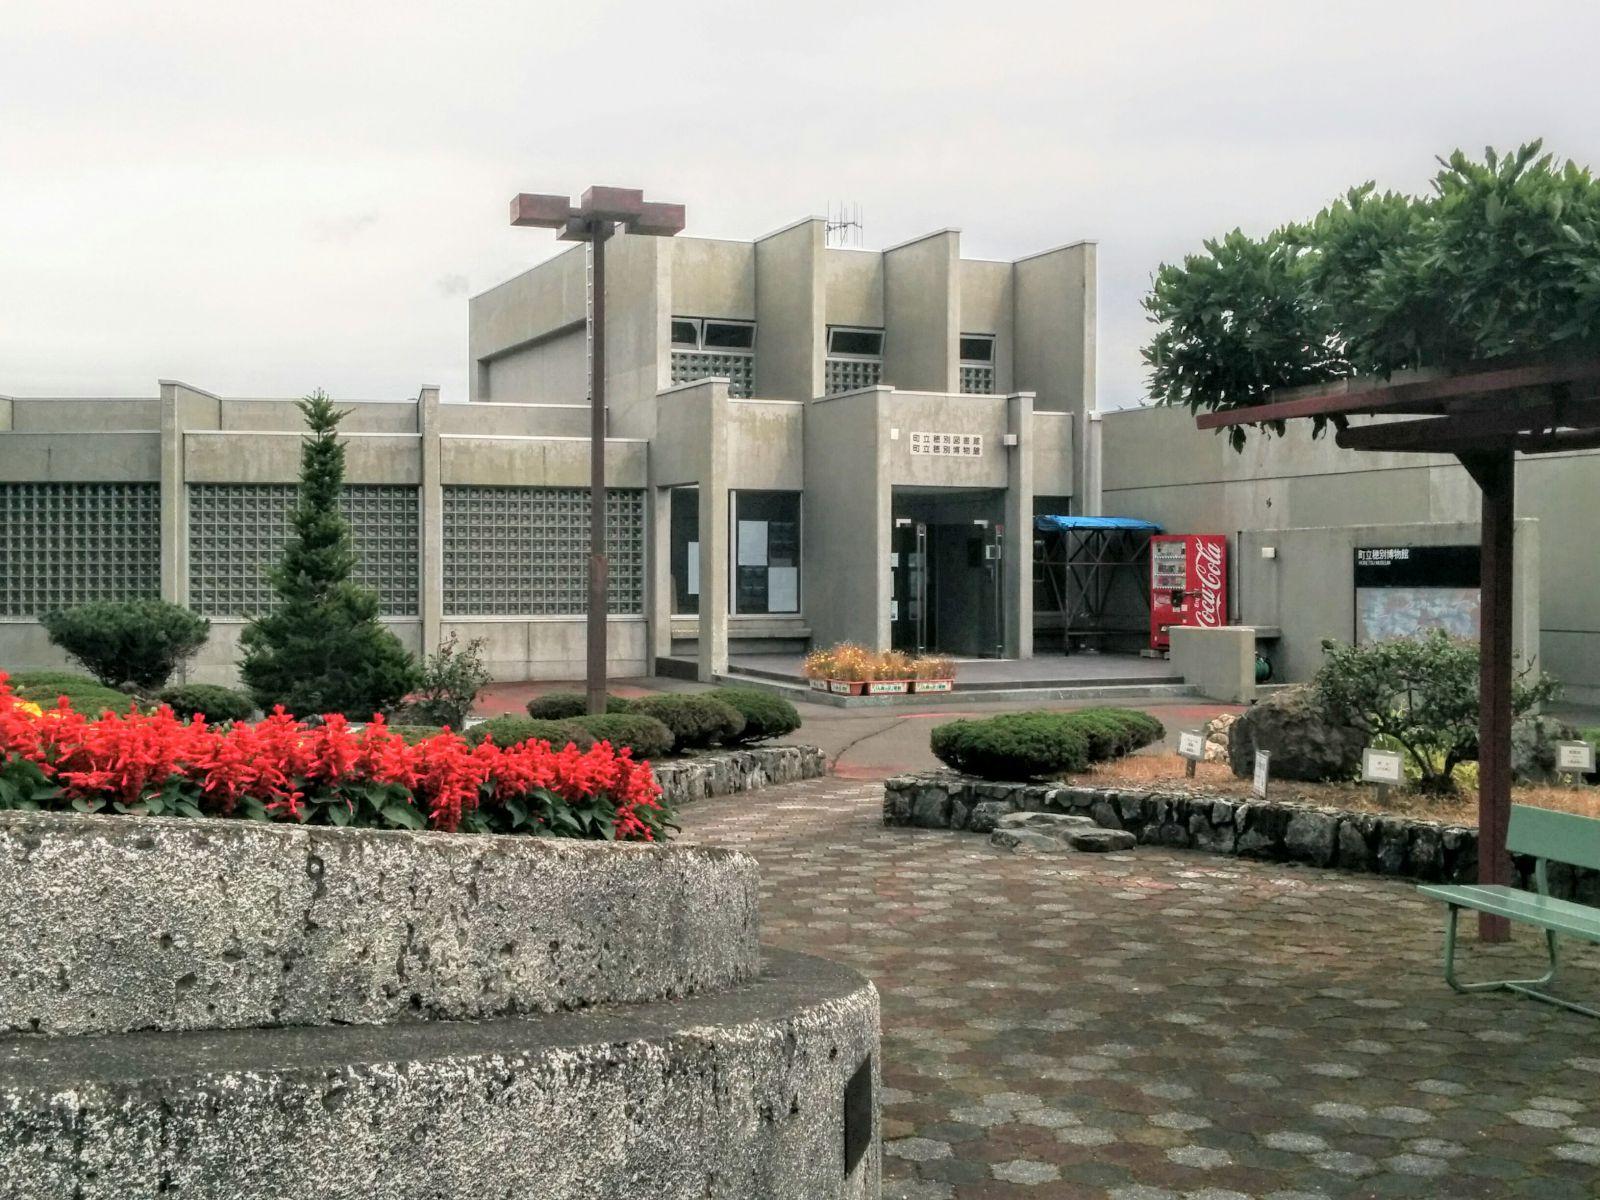 【むかわ町】むかわ町穂別博物館観光案内です。